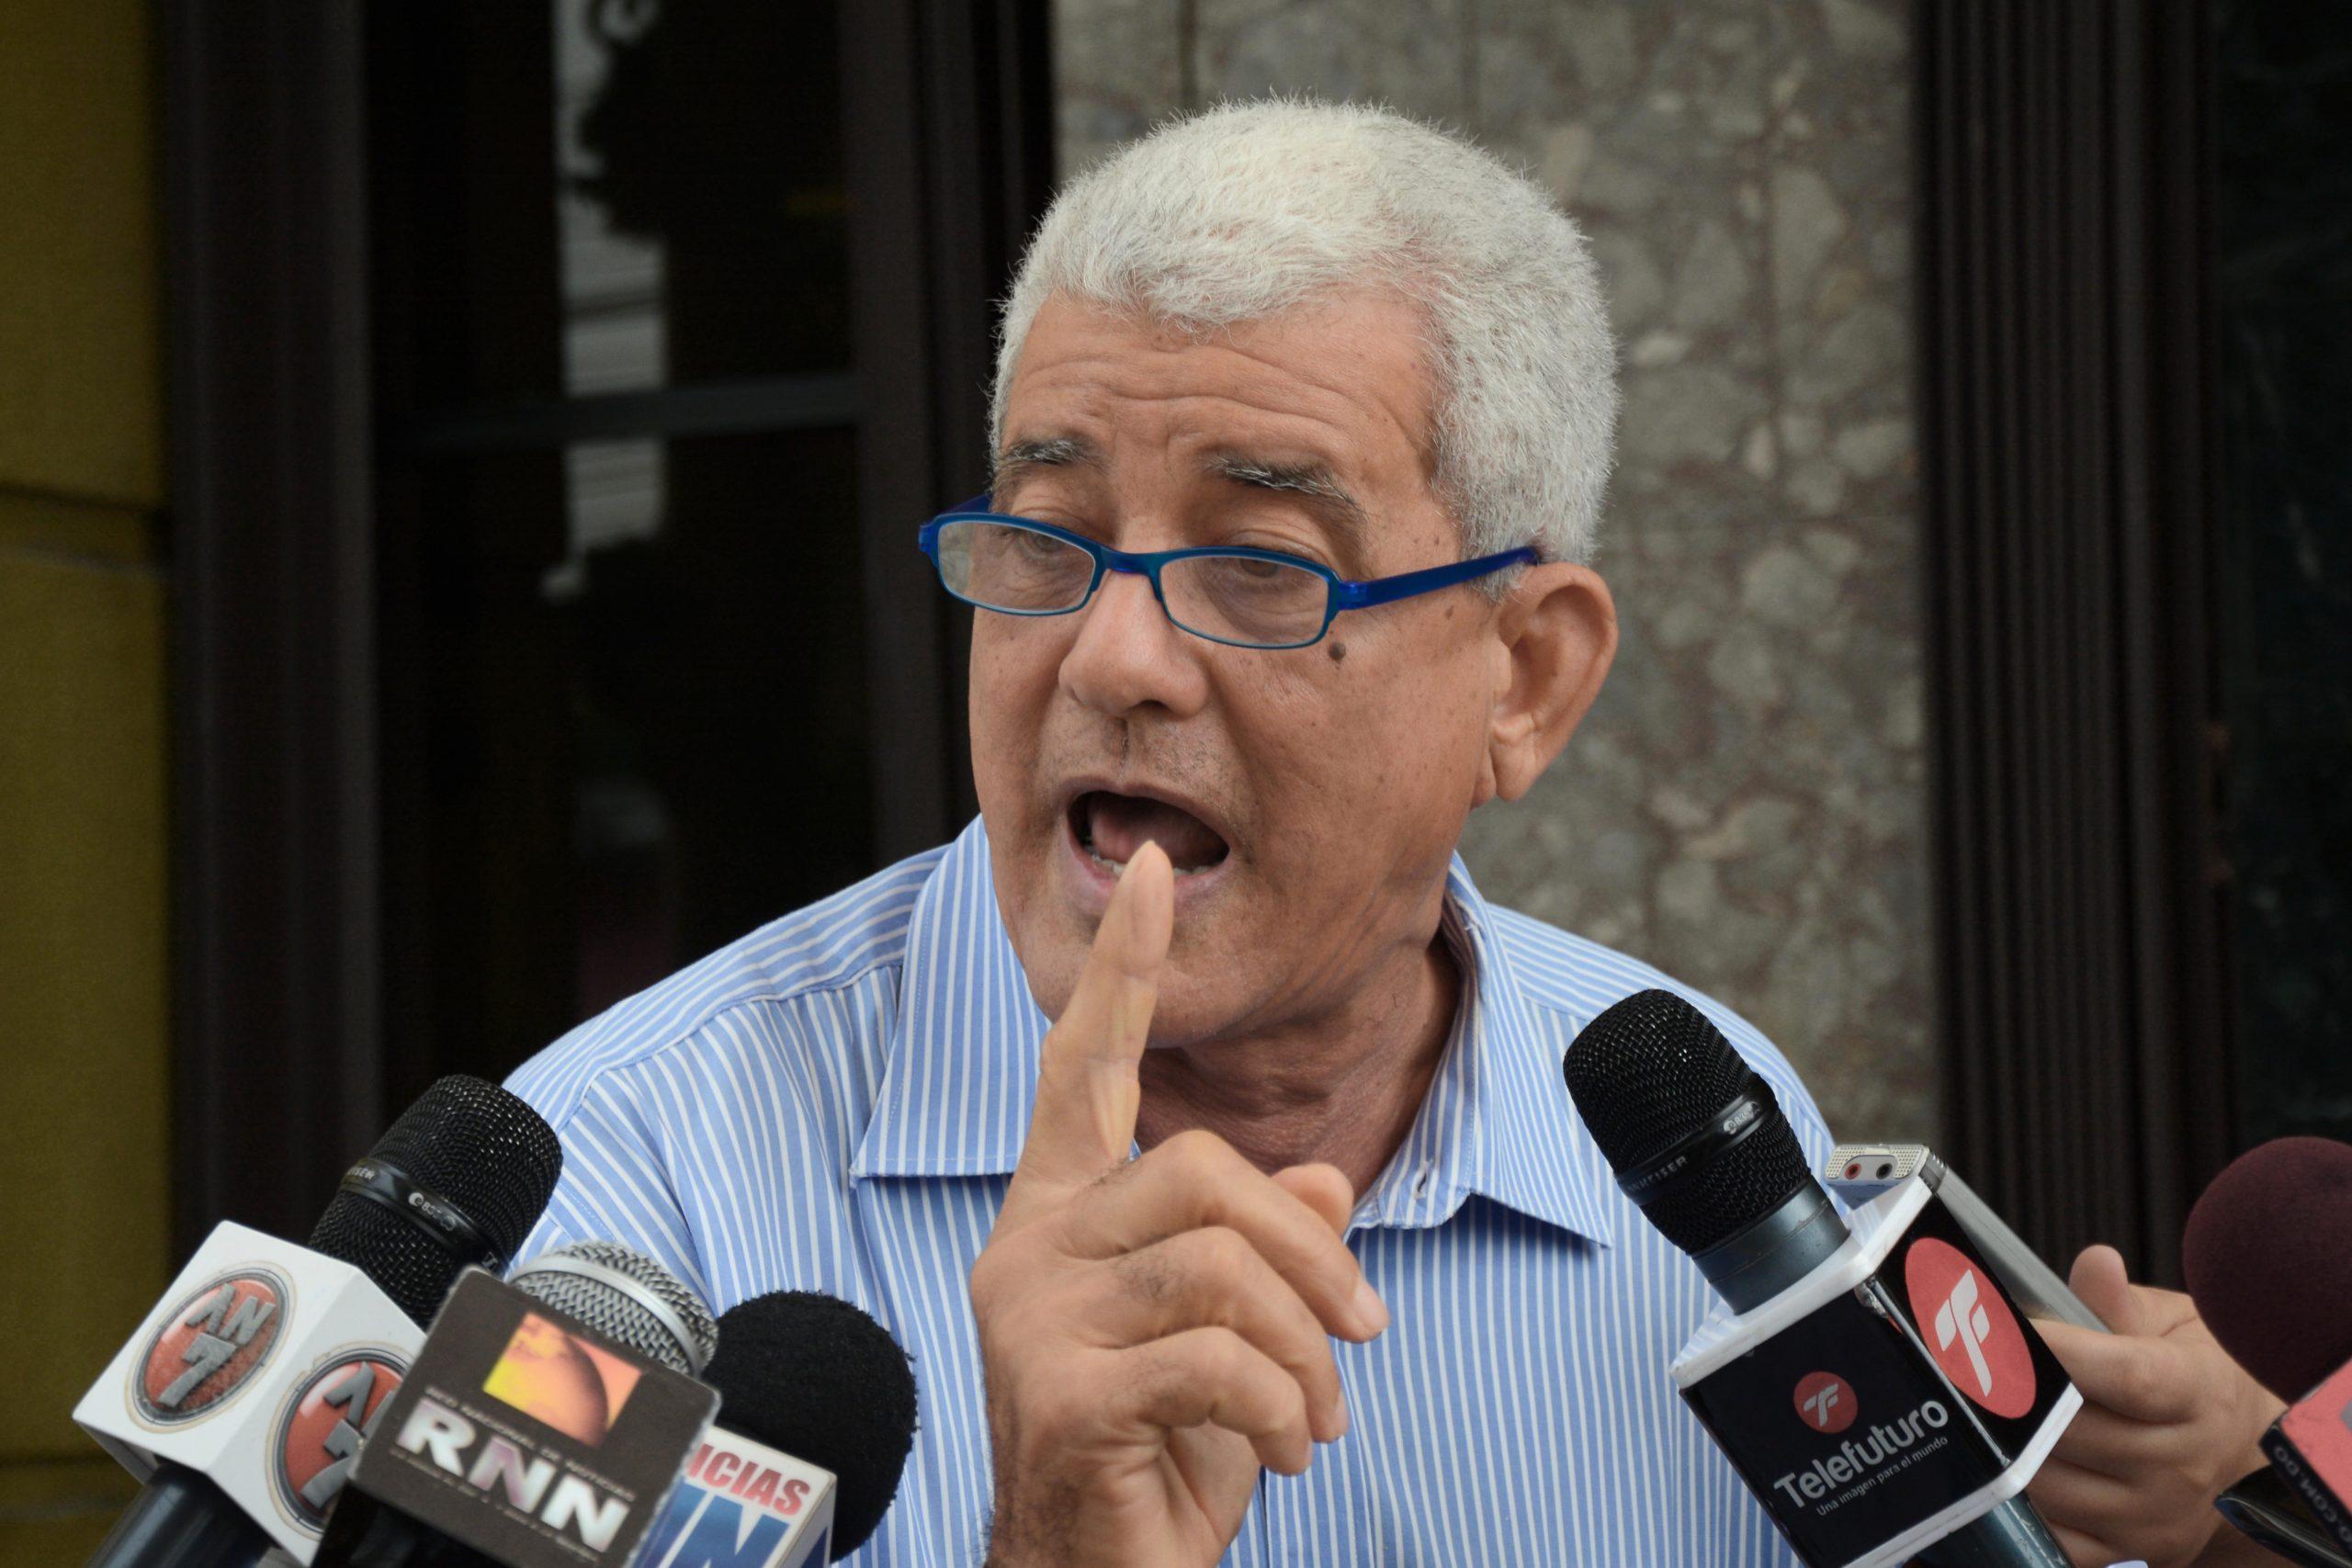 Sigfredo Cabral, quien preside la entidad que representa al sector, demandó poner atención a sus demandas. | LÉSTHER ÁLVAREZ